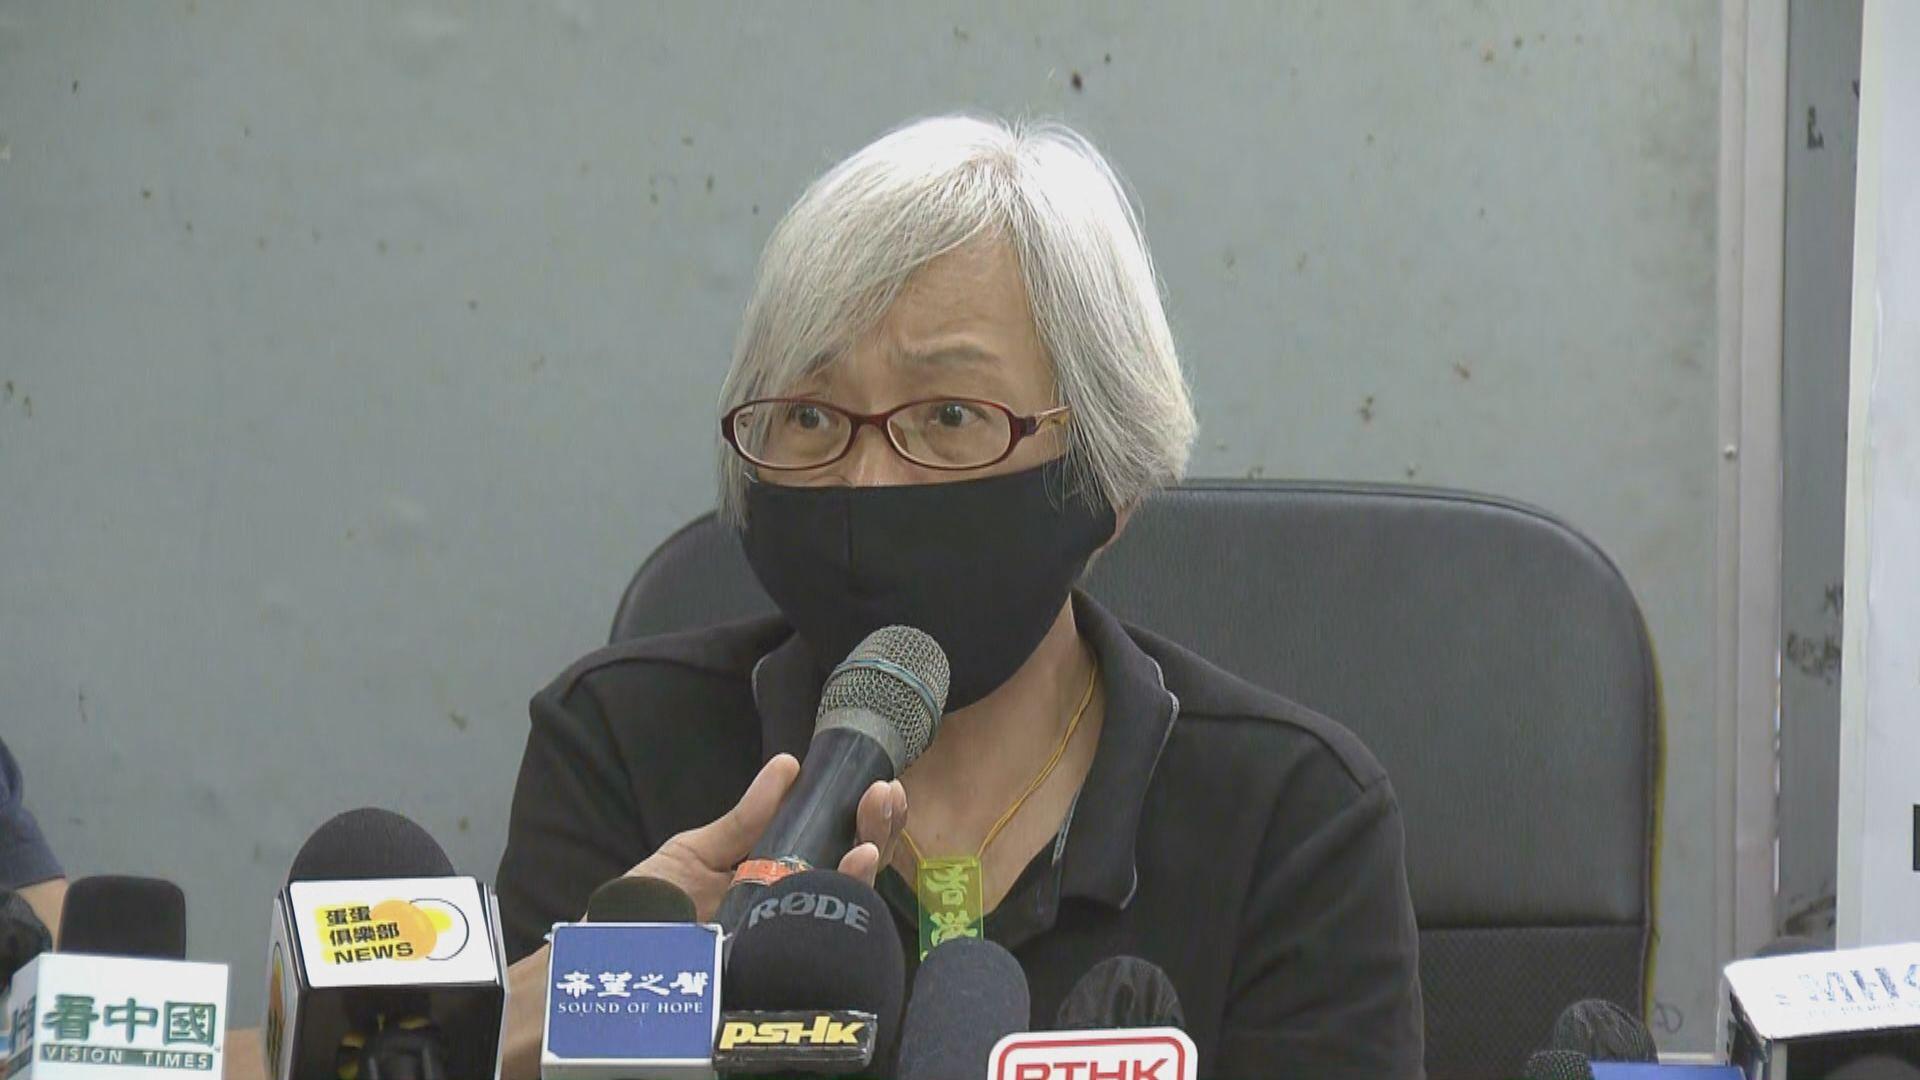 參與反修例示威王婆婆深圳被捕 取保候審一年後返港